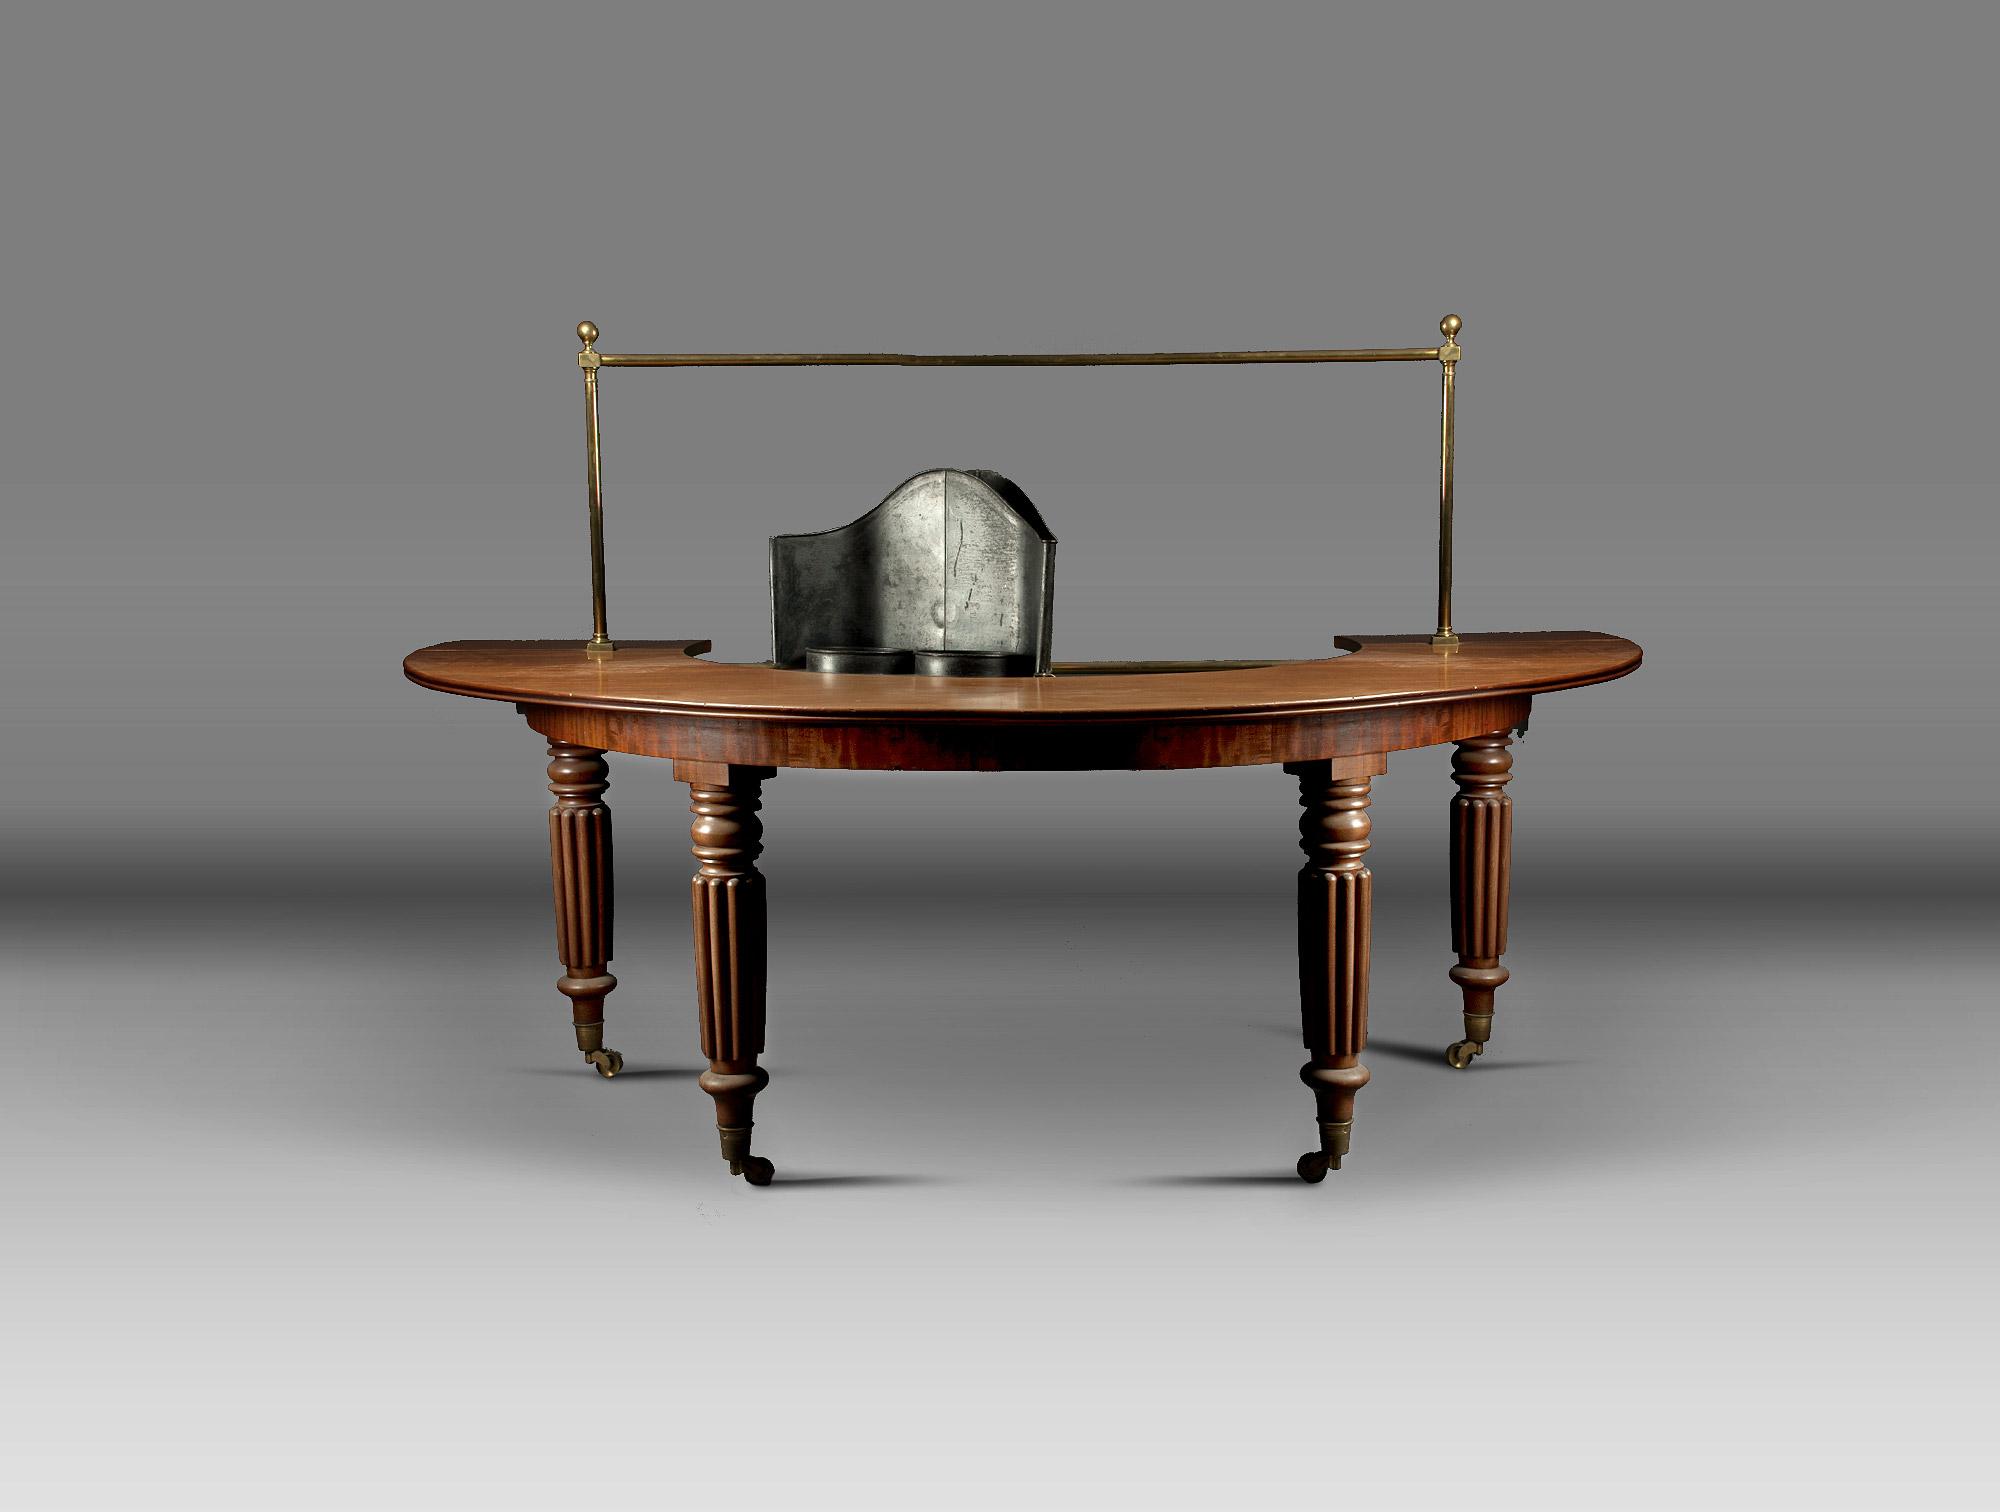 table demi lune anglaise soubrier louer tables bureaux table xixe. Black Bedroom Furniture Sets. Home Design Ideas